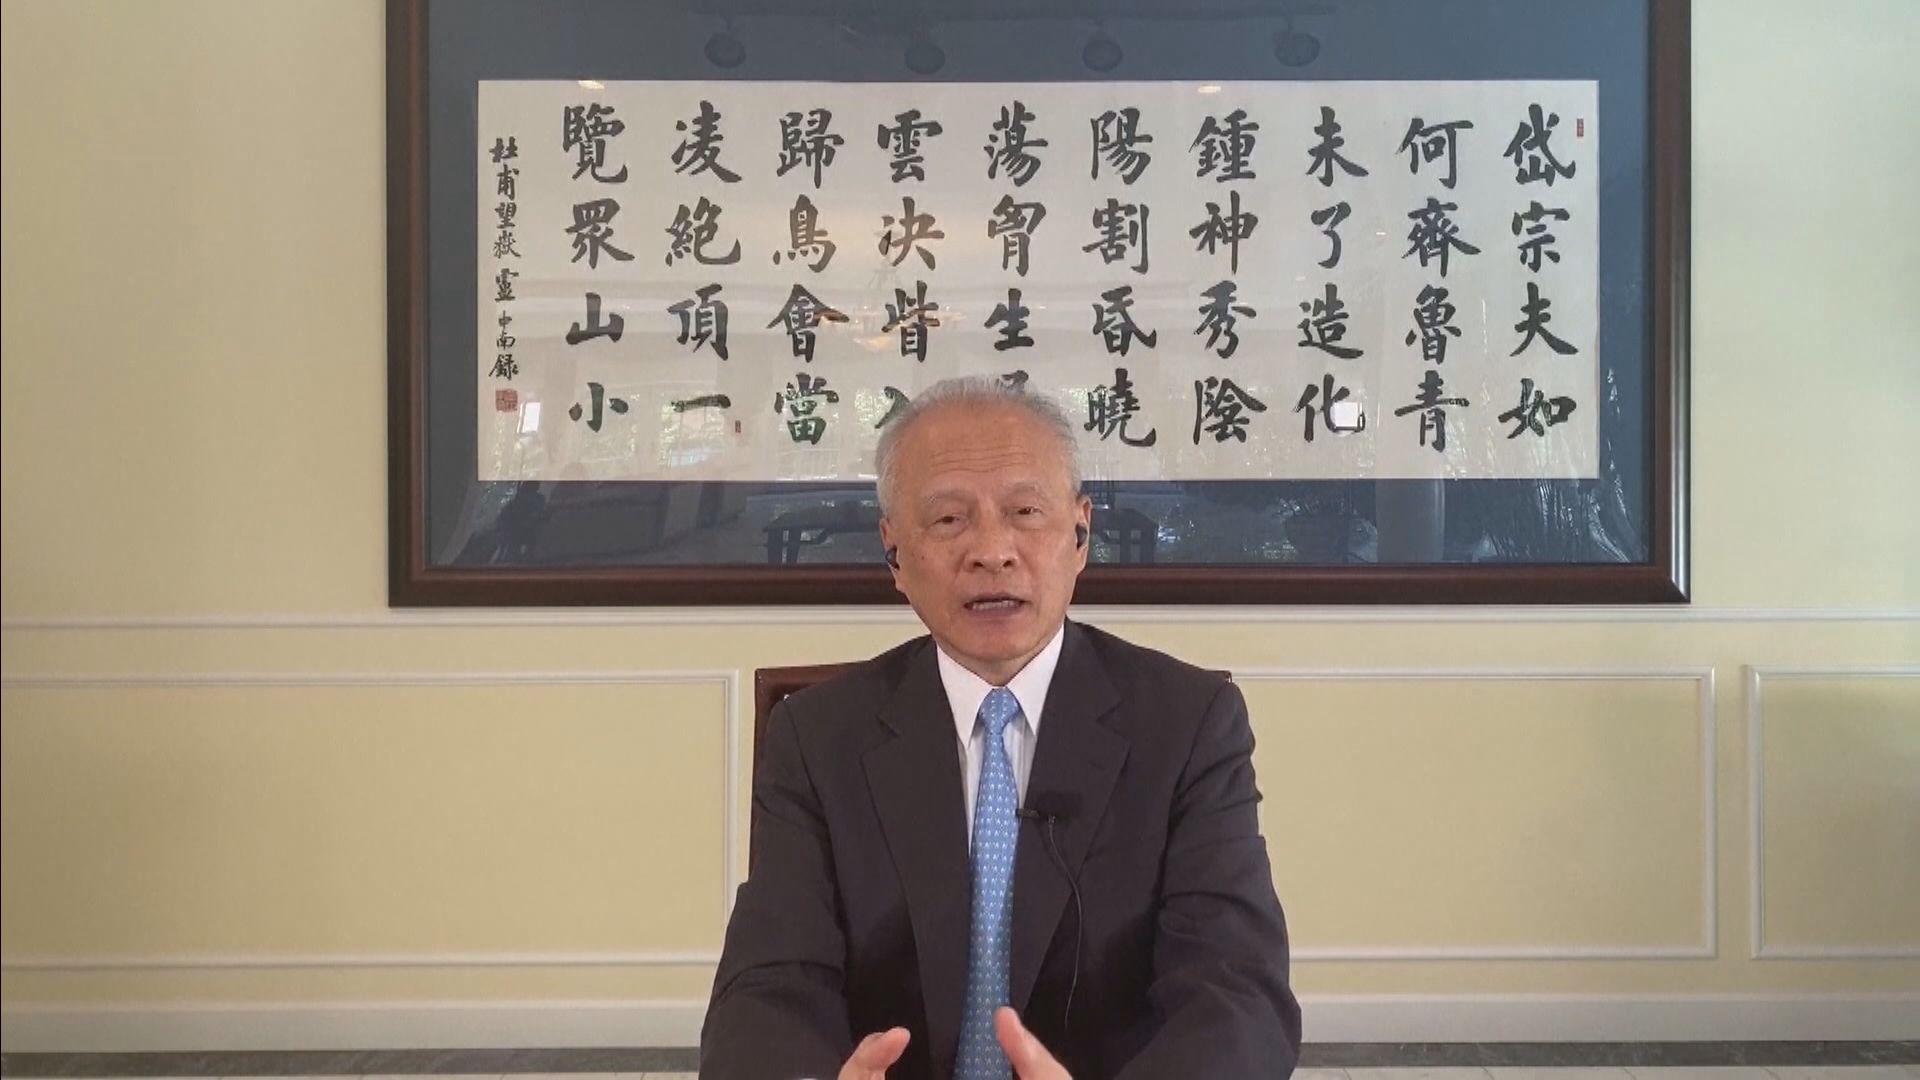 中國駐美大使籲推動中美關係重回正軌